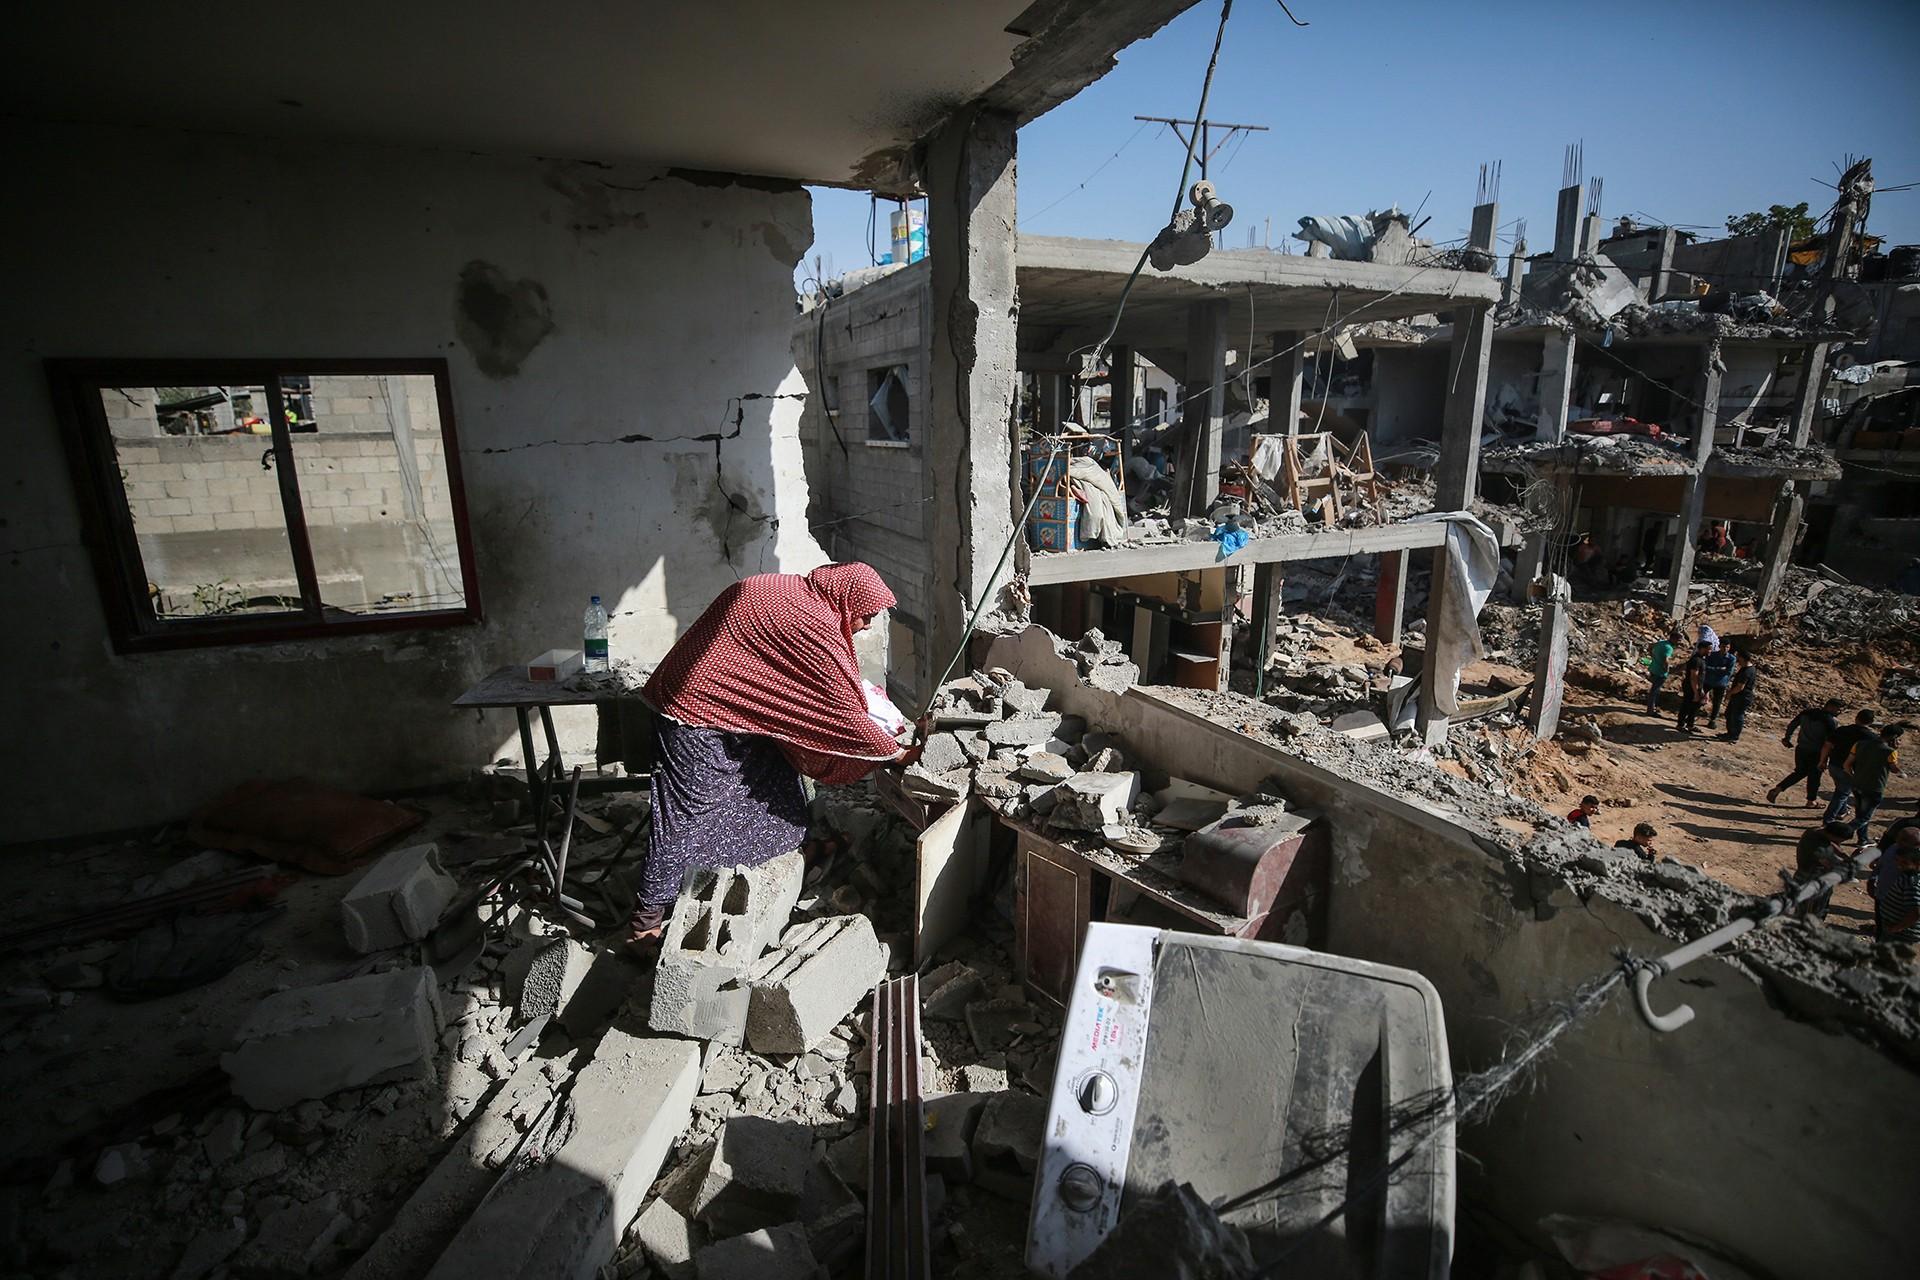 İsrail'in Gazze'ye 11 gün süren saldırılarının bilançosu: 232 kişi hayatını kaybetti - Evrensel